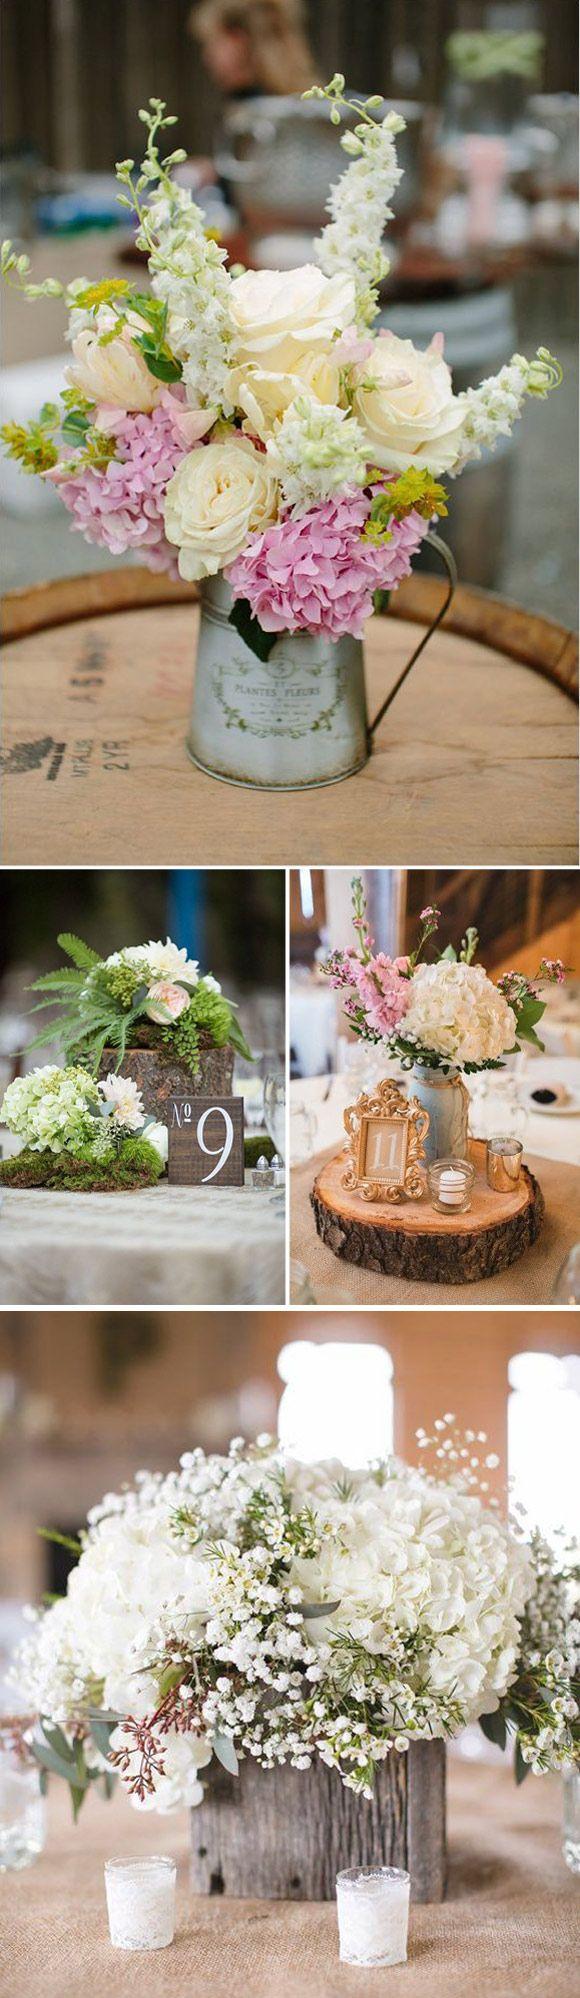 Decoraci n de boda vintage con hortensias mi boda - Blogs de decoracion vintage ...